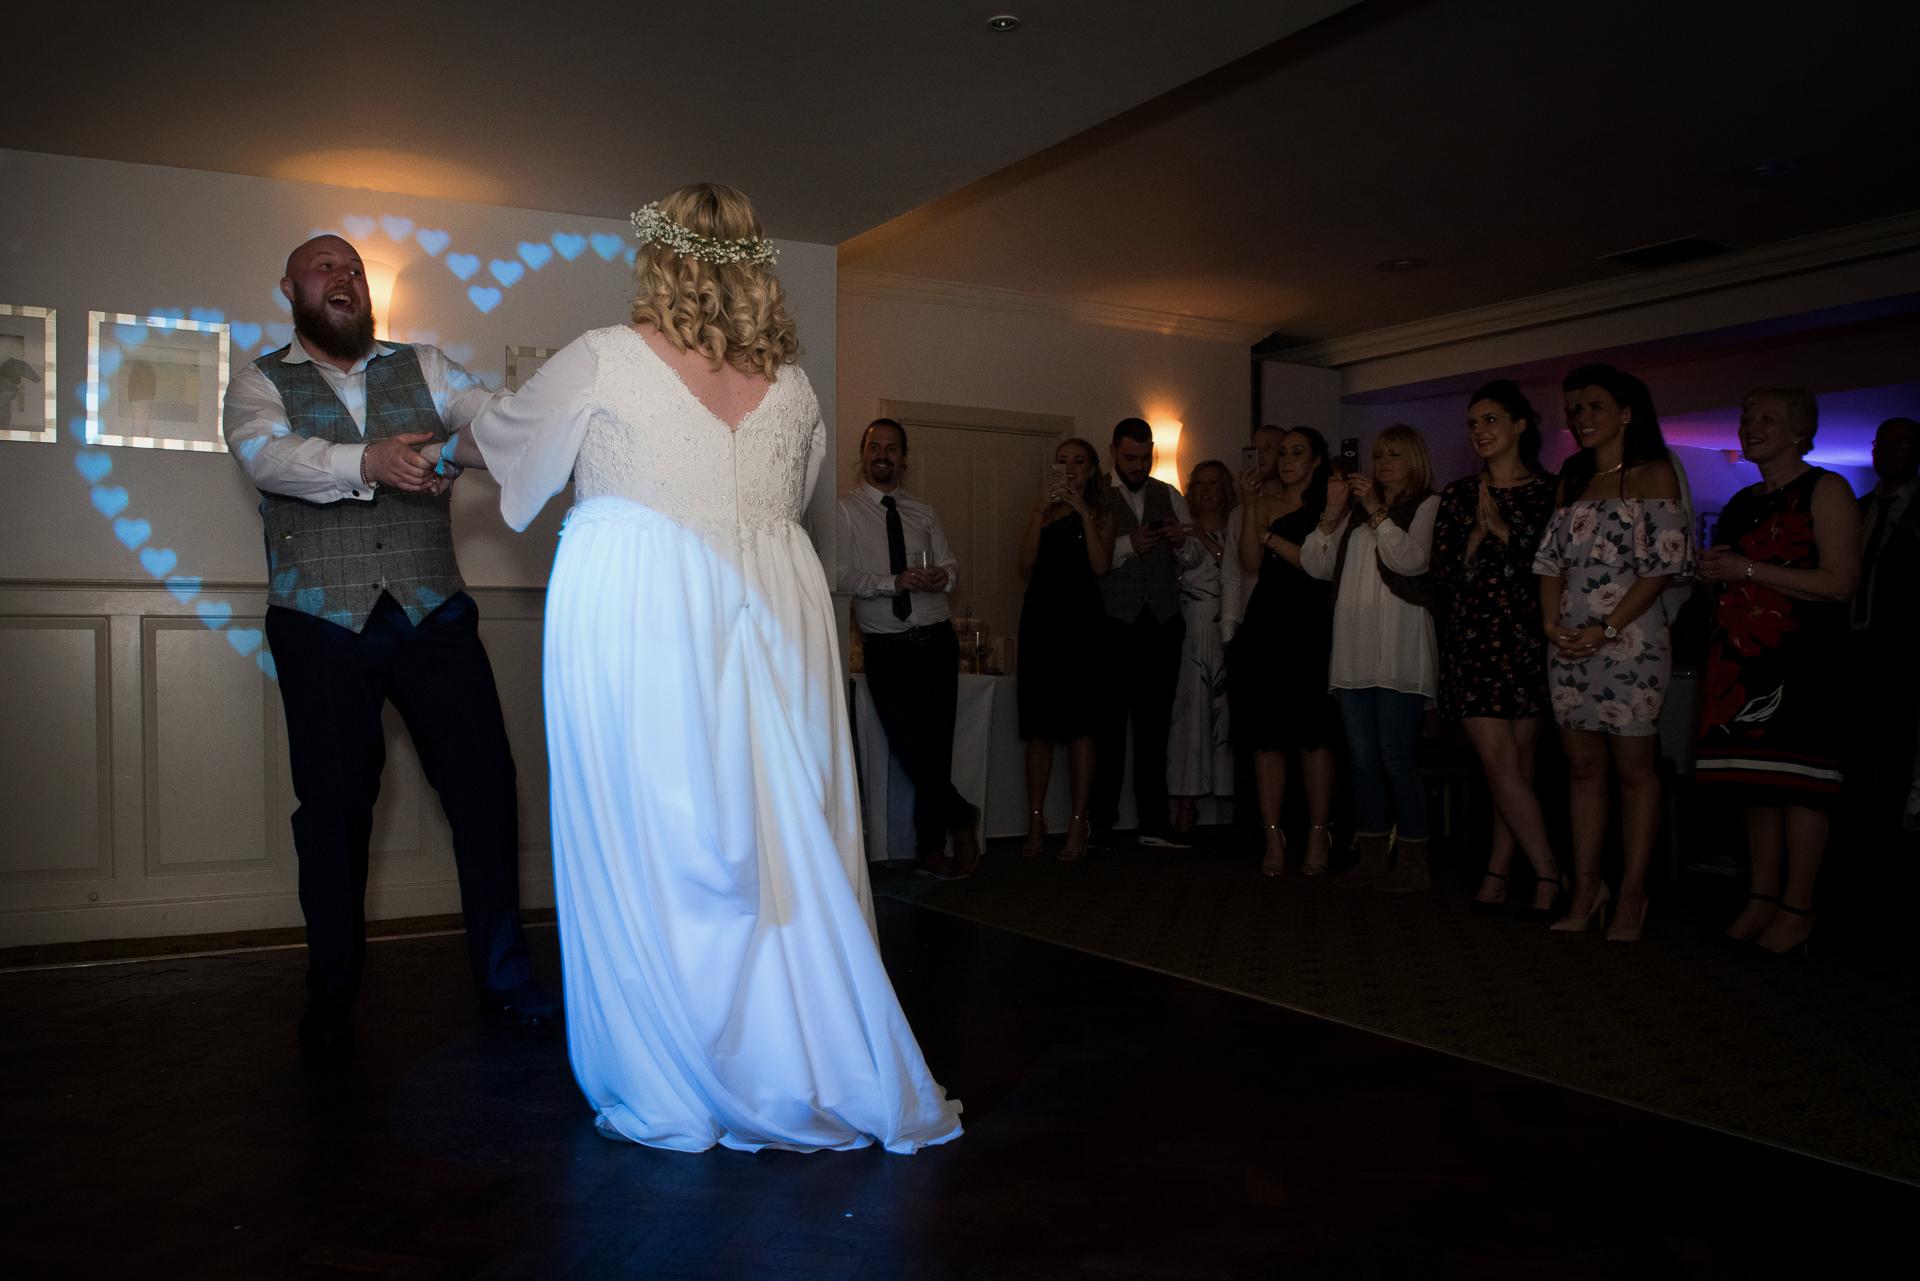 The-Angel-Hotel-wedding_85.JPG